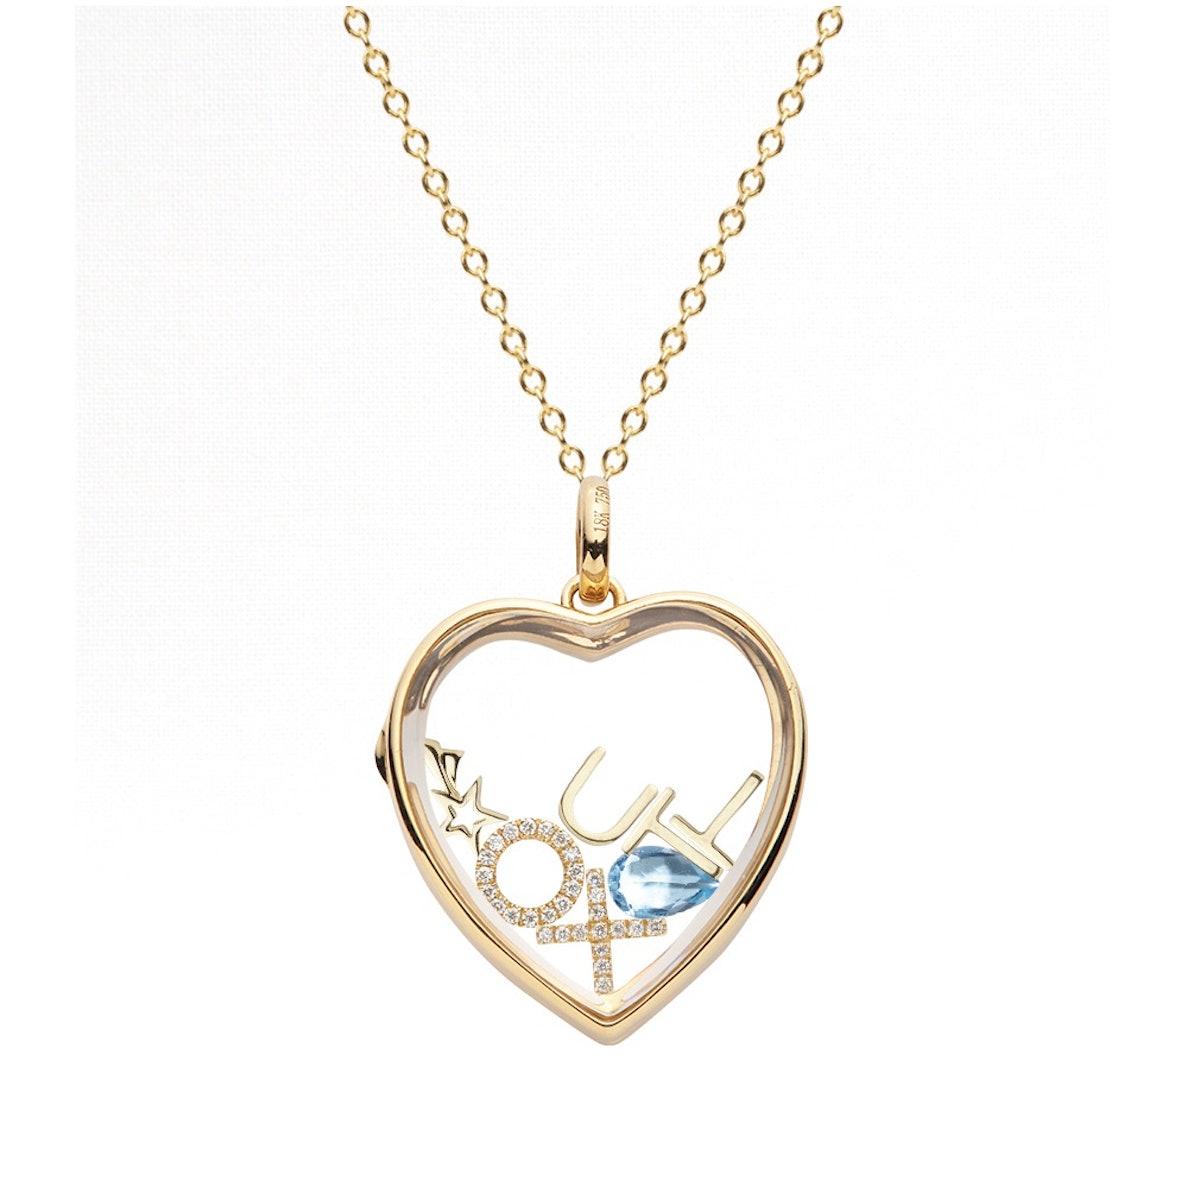 Loquet London necklace